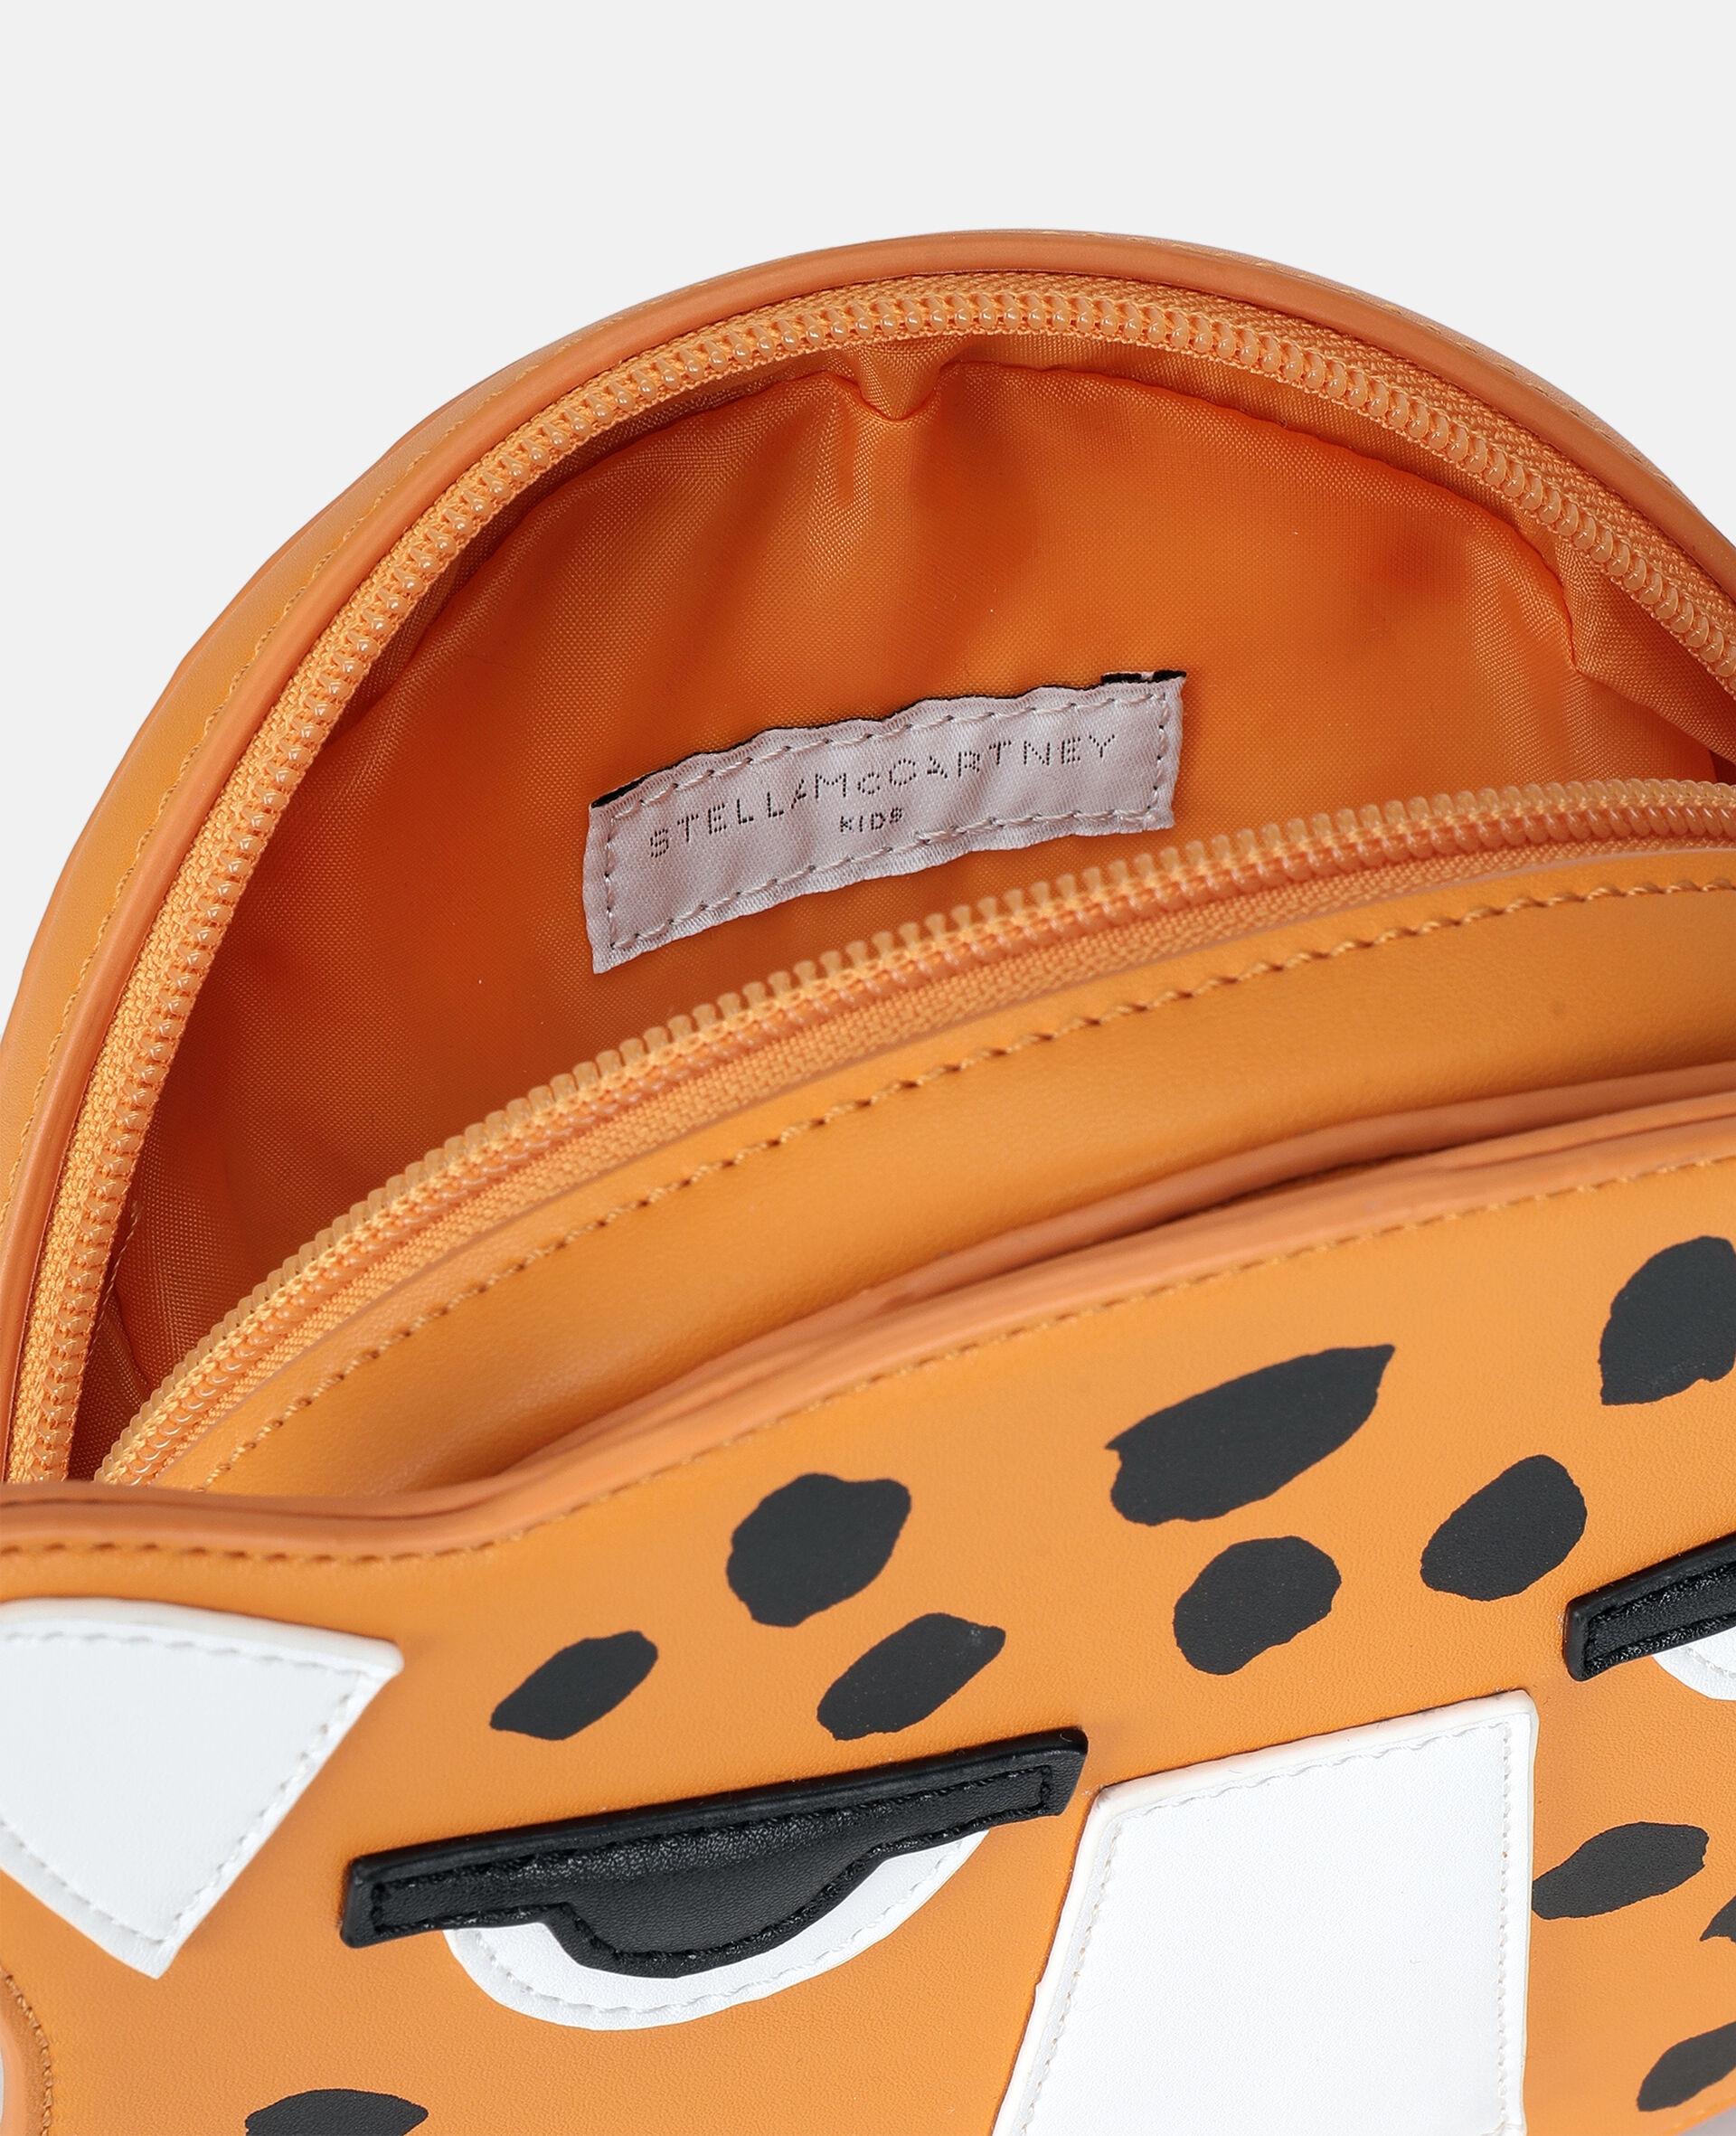 Cheetah Shoulder Bag -Orange-large image number 2